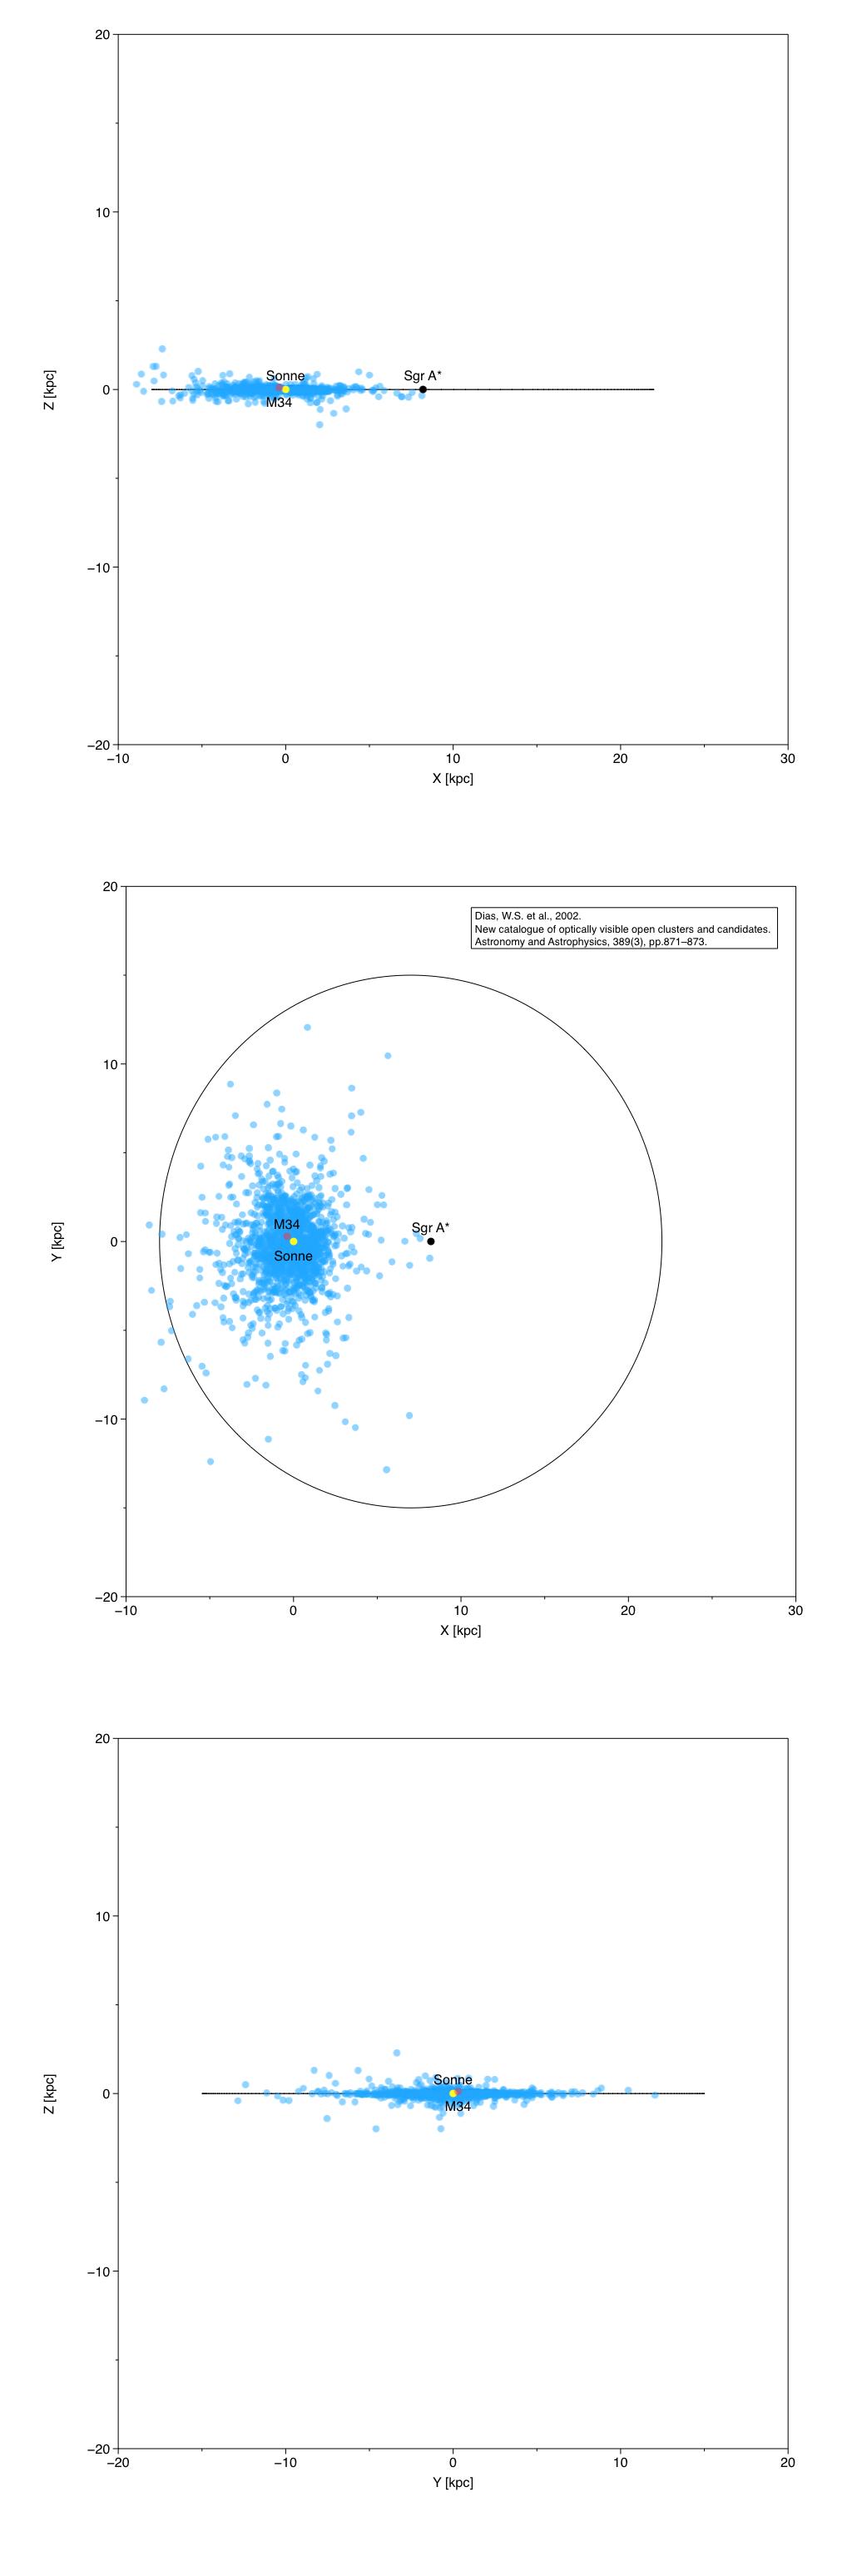 Die Position vom M34 (rot) innerhalb der Milchstrasse. Sonne (gelb), Zentrum der Milchstraße (schwarz), andere offene Sternhaufen (blau). Die Milchstraße wird durch einen erweiterten Kreis mit einem Durchmesser von 30 kpc angedeutet. Die x-Achse zeigt Richtung des Zentrum und die y-Achse in Richtung der Rotation der Milchstraße, die z-Achse weist auf den galaktischen Nordpol.